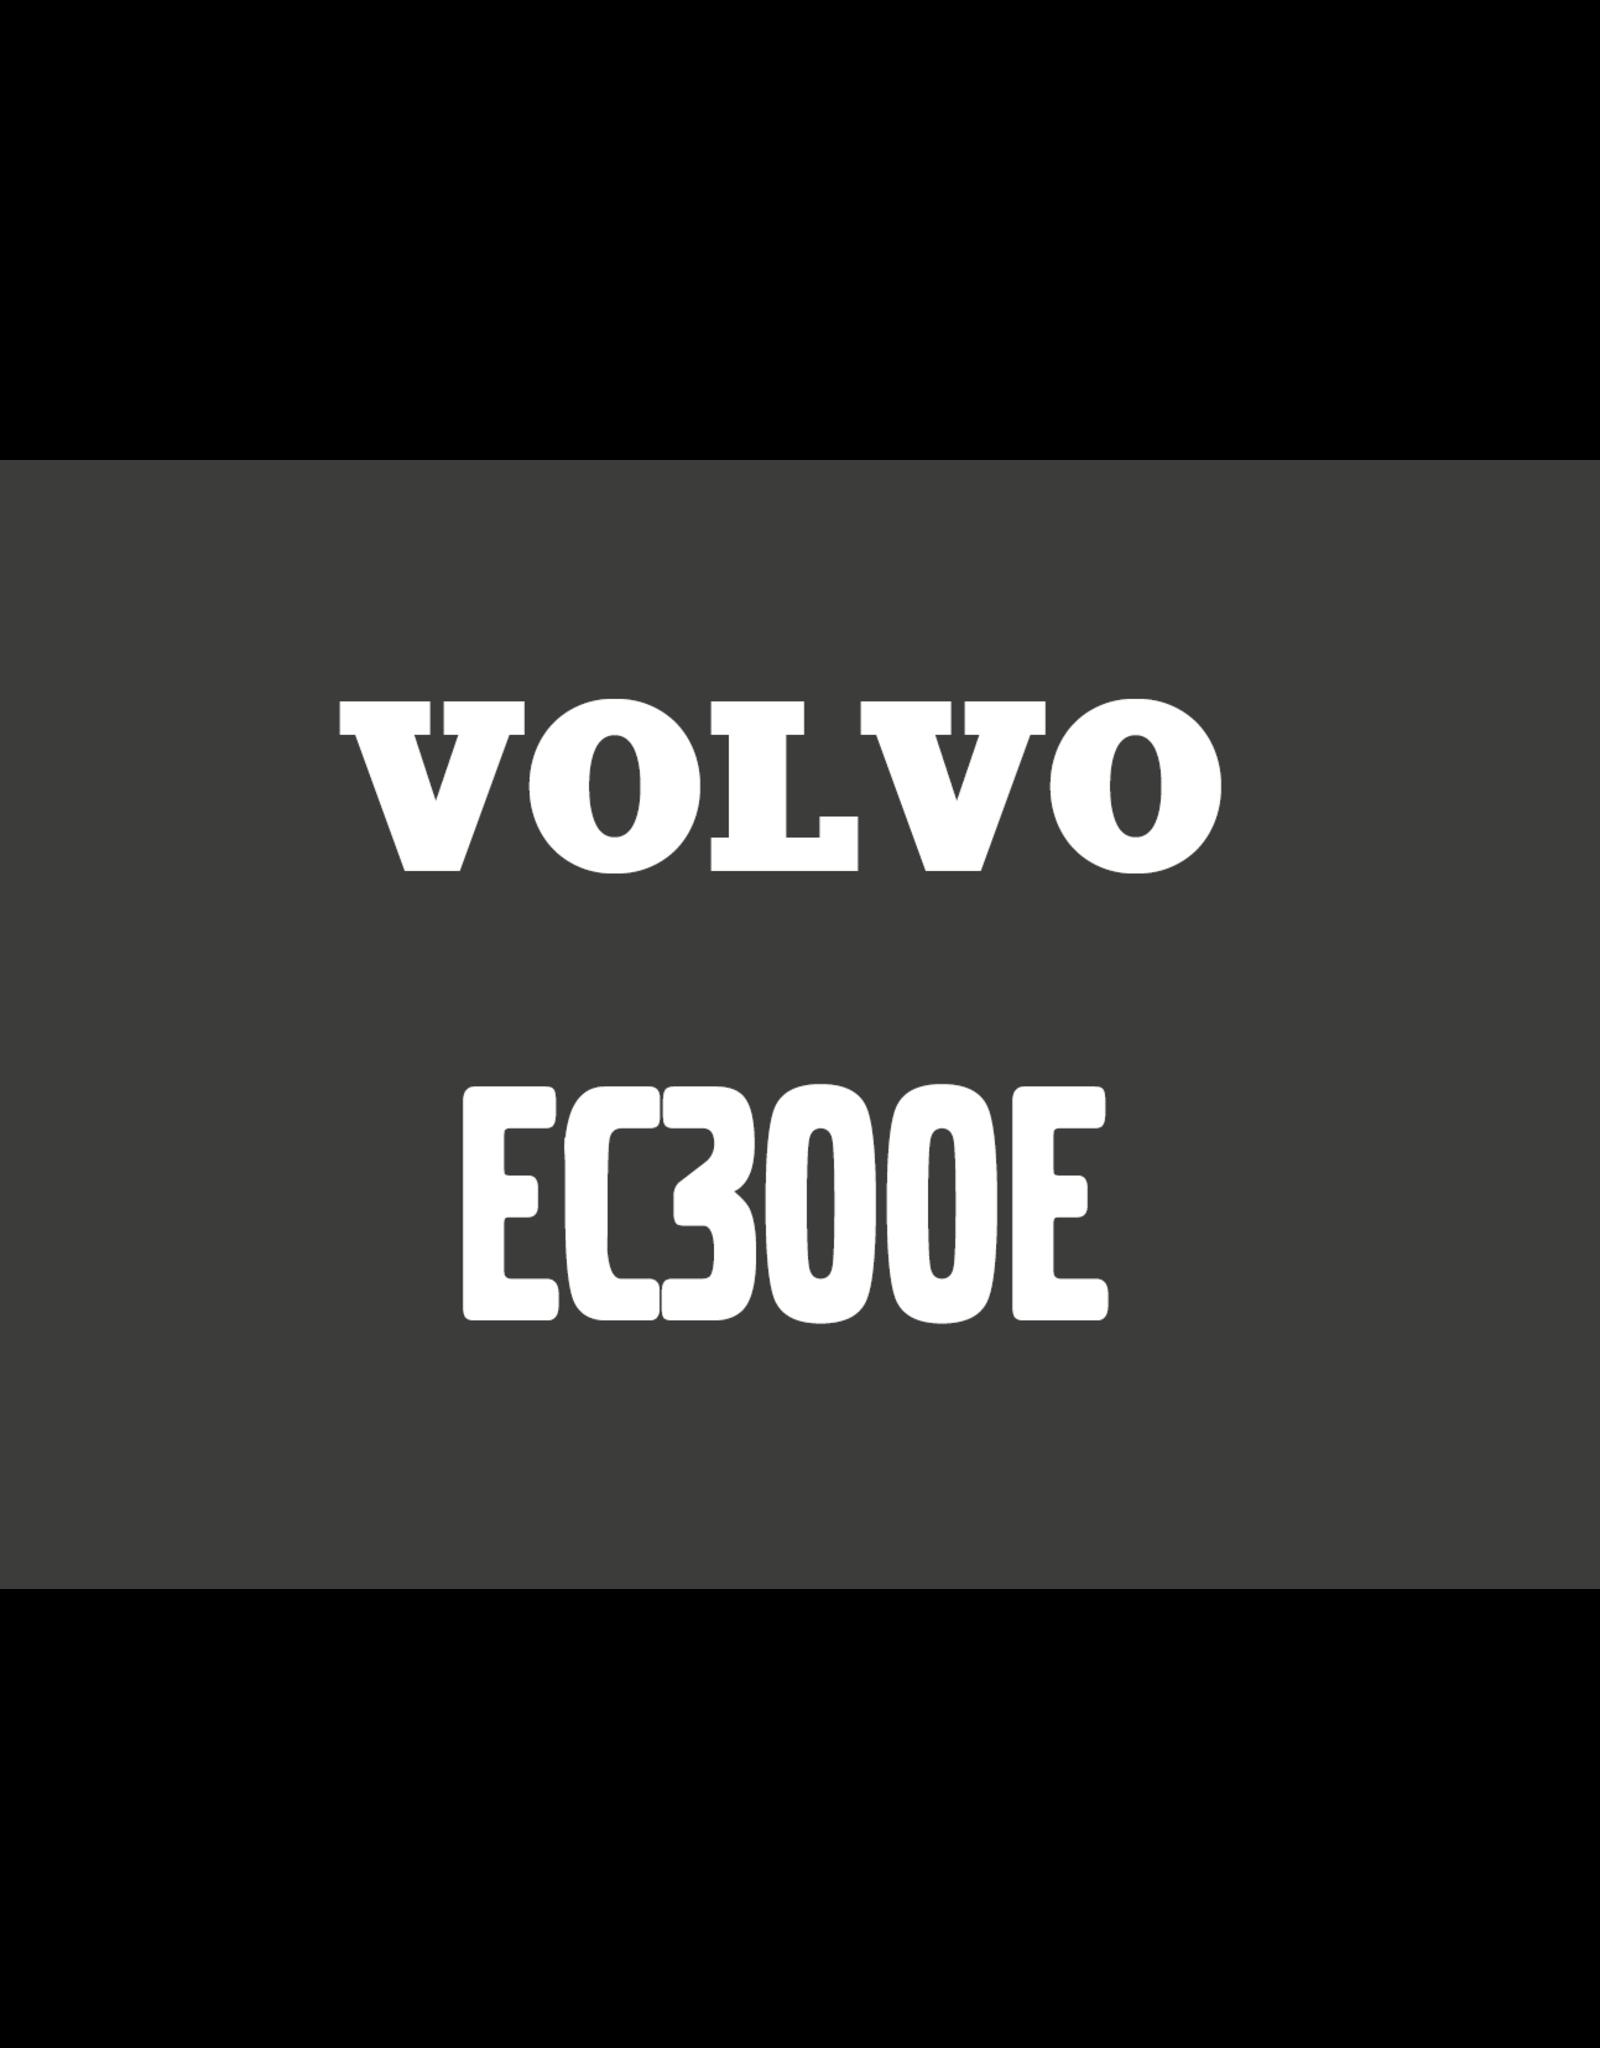 Echle Hartstahl GmbH FOPS for Volvo EC300E